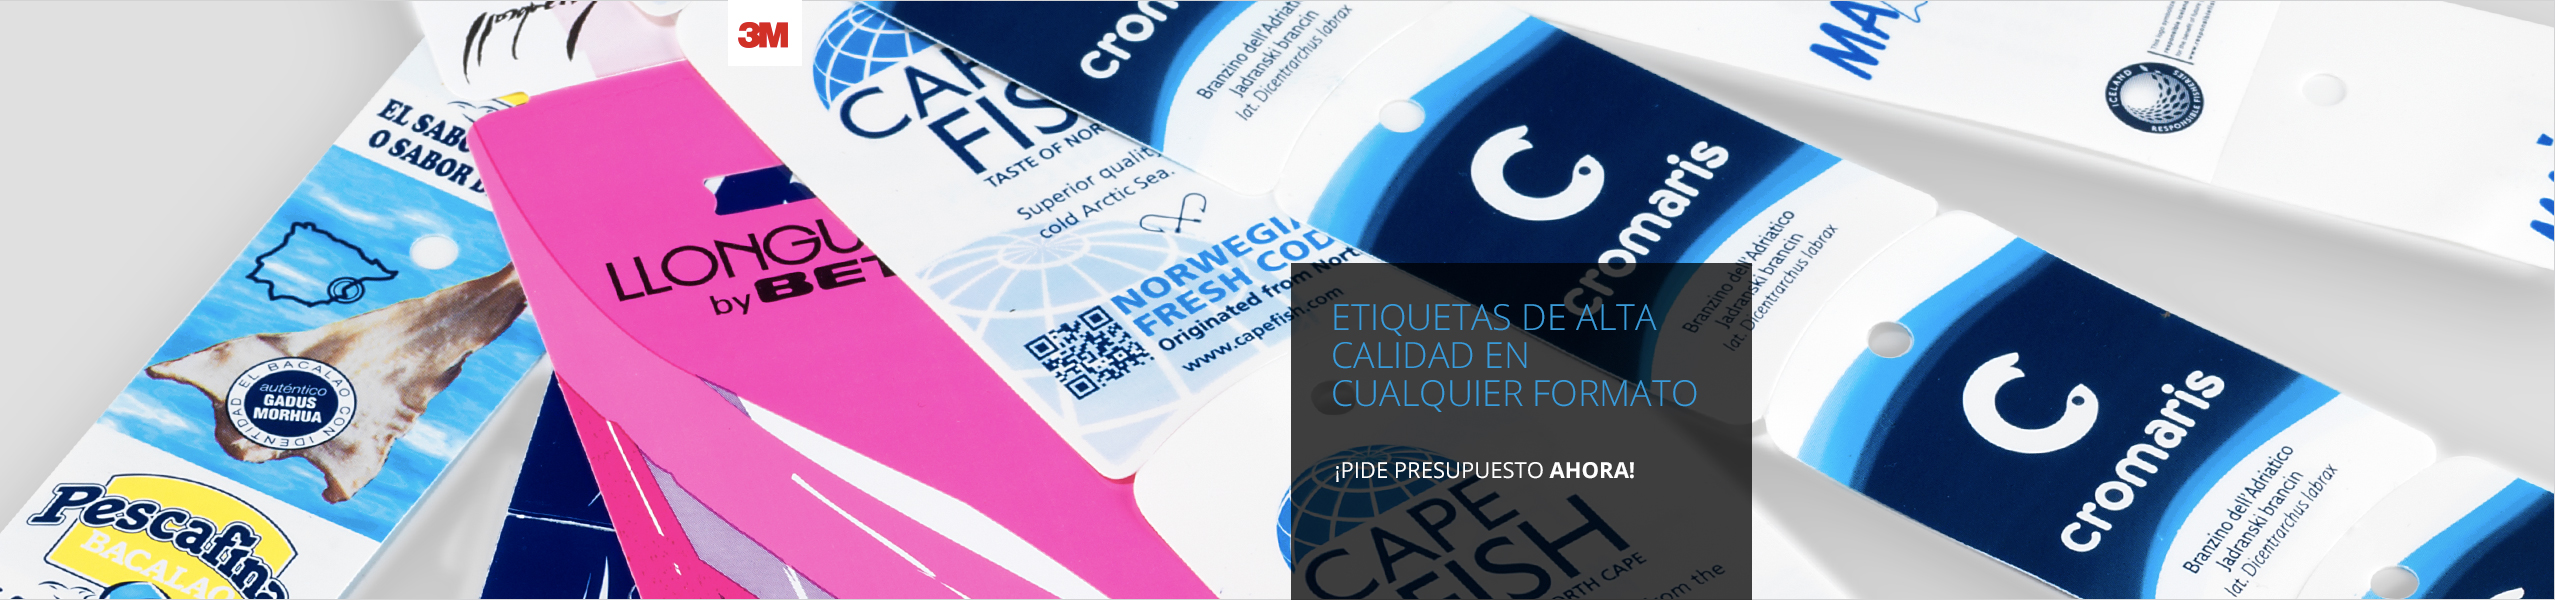 Impresión de etiquetas personalizadas adhesivas y no adhesivas para todo tipo de productos y envases